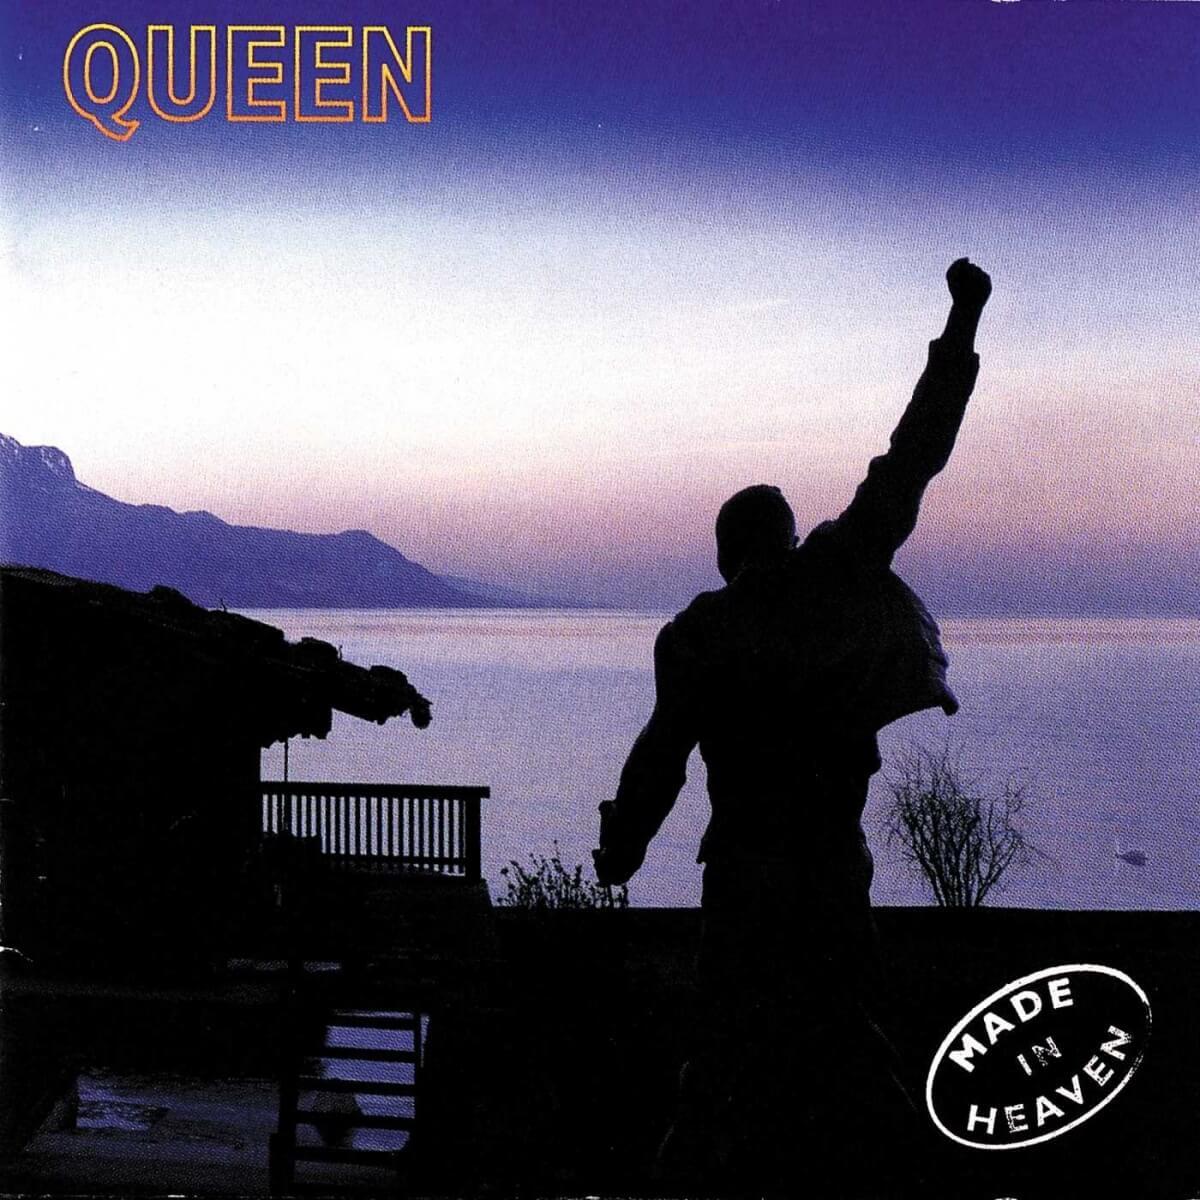 Queen - Made In Heaven|ジャケット画像